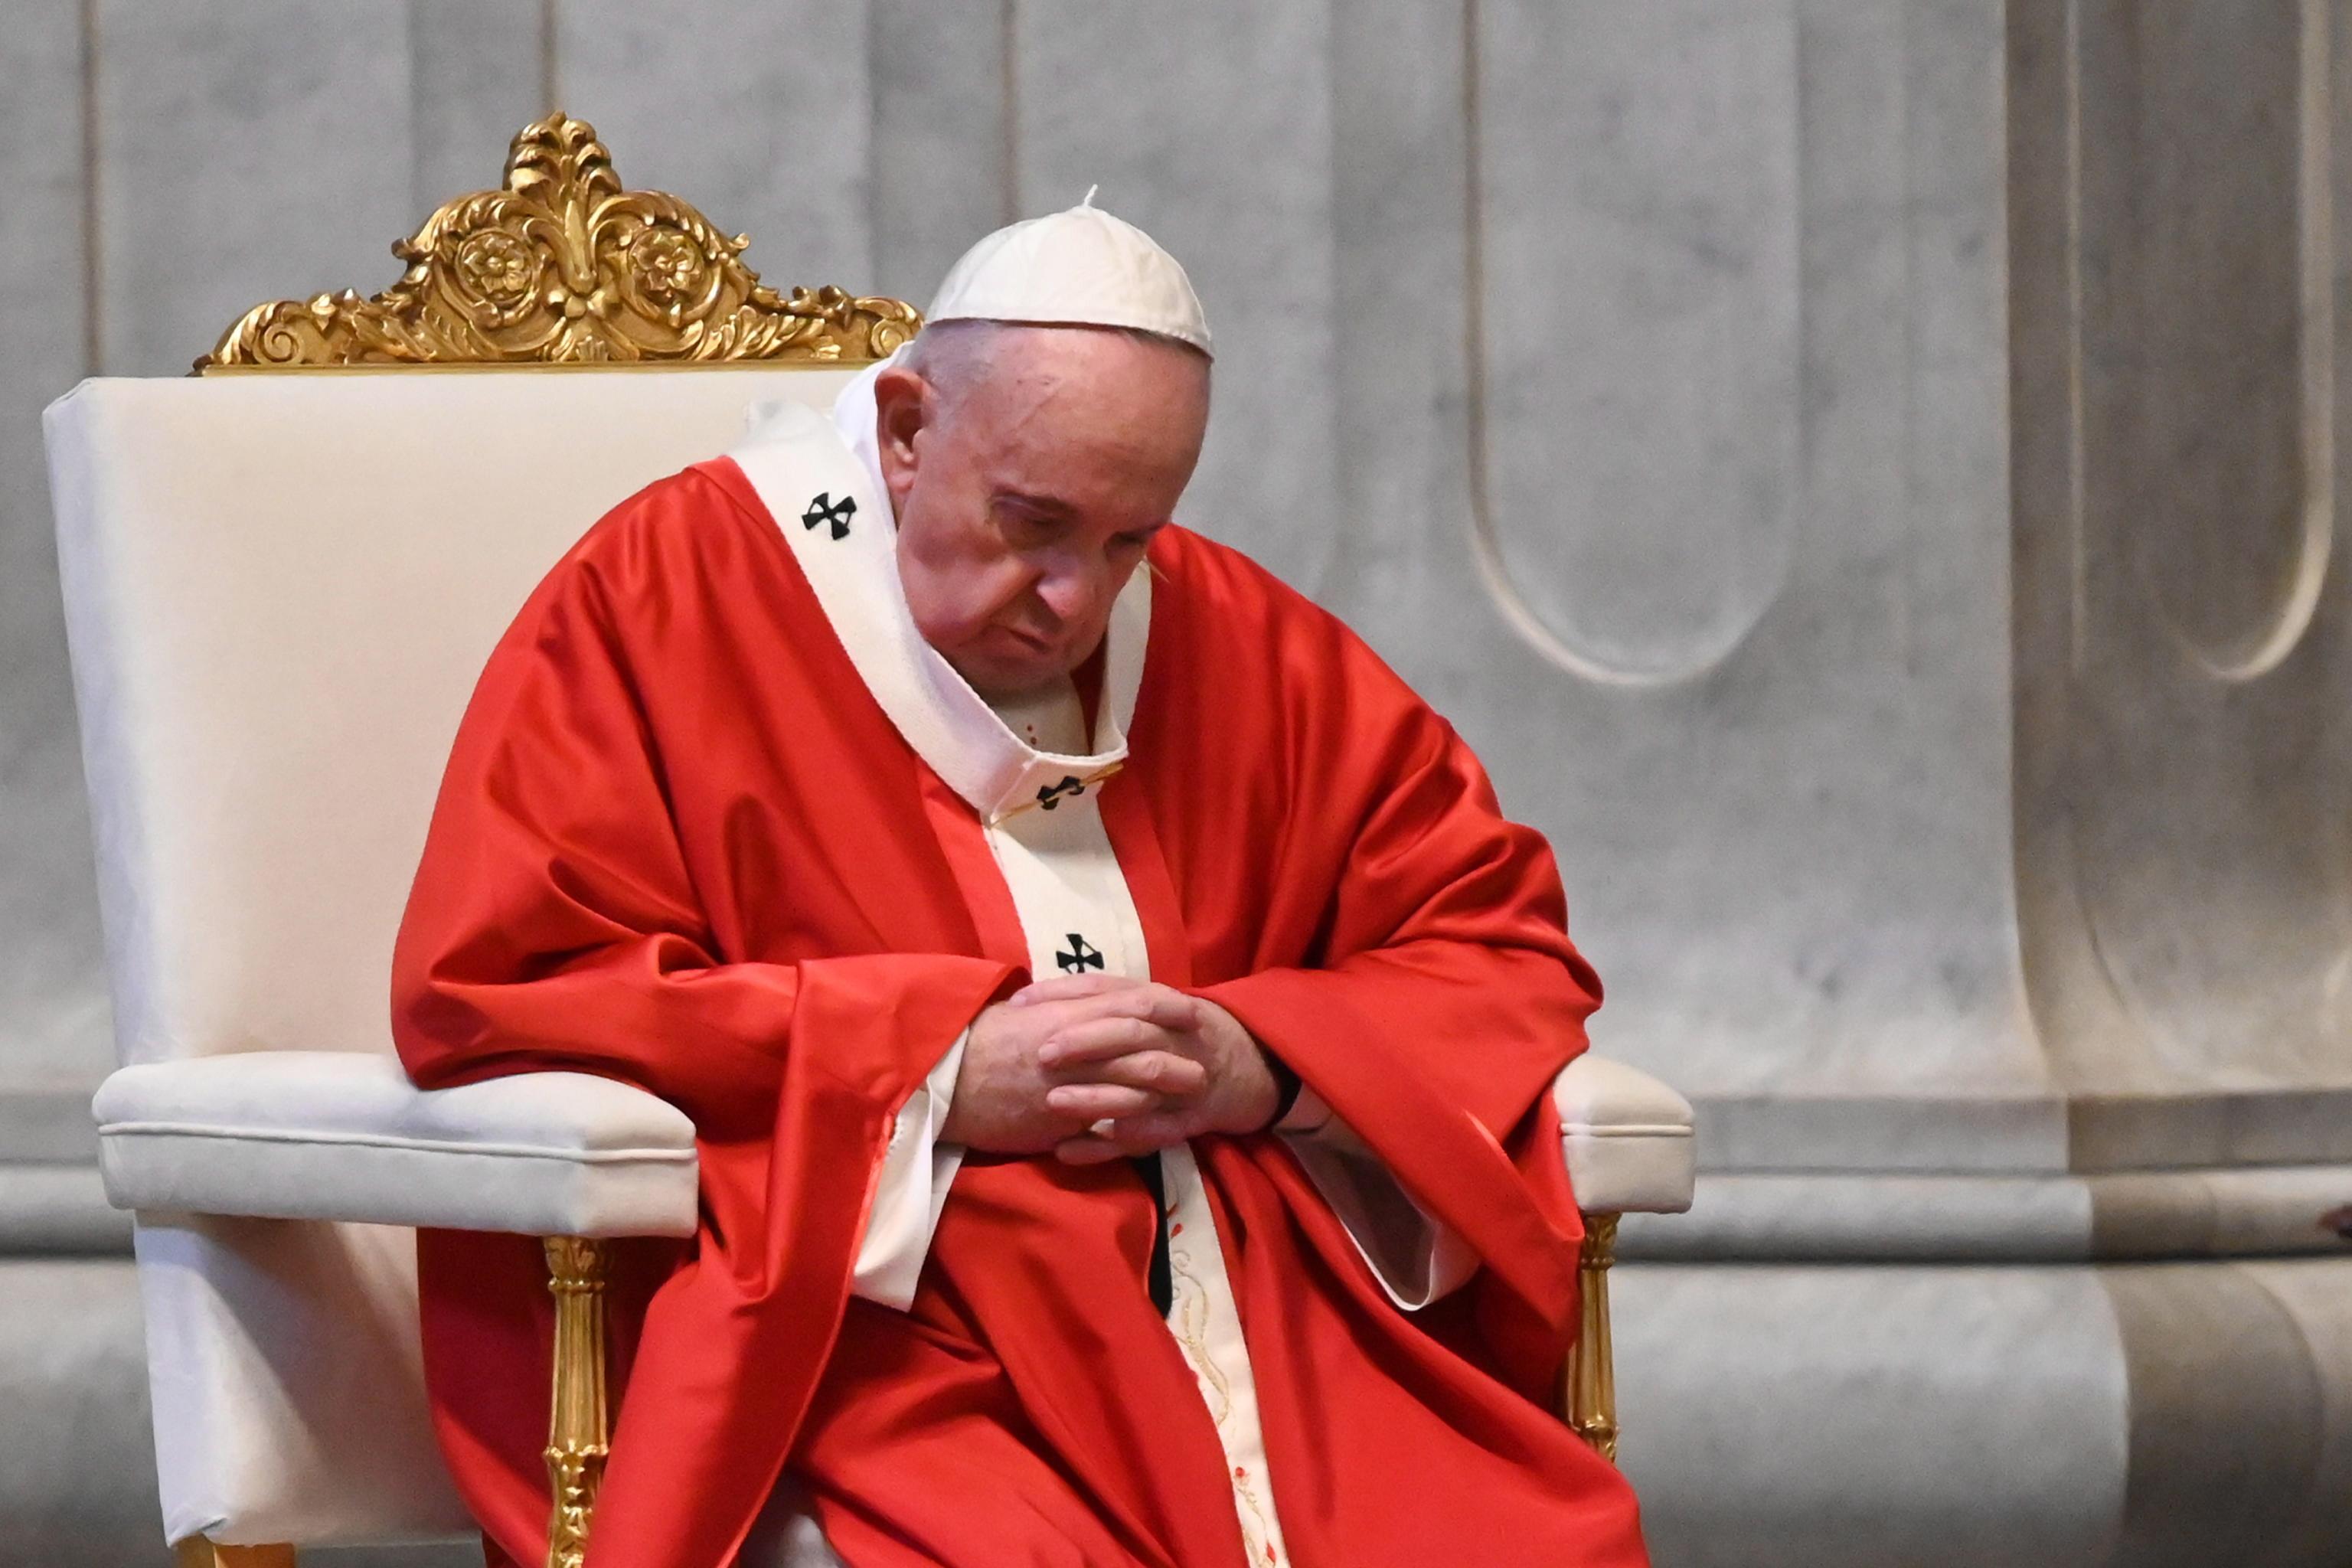 El papa: el mundo está sufriendo y debe estar unido frente al desafío